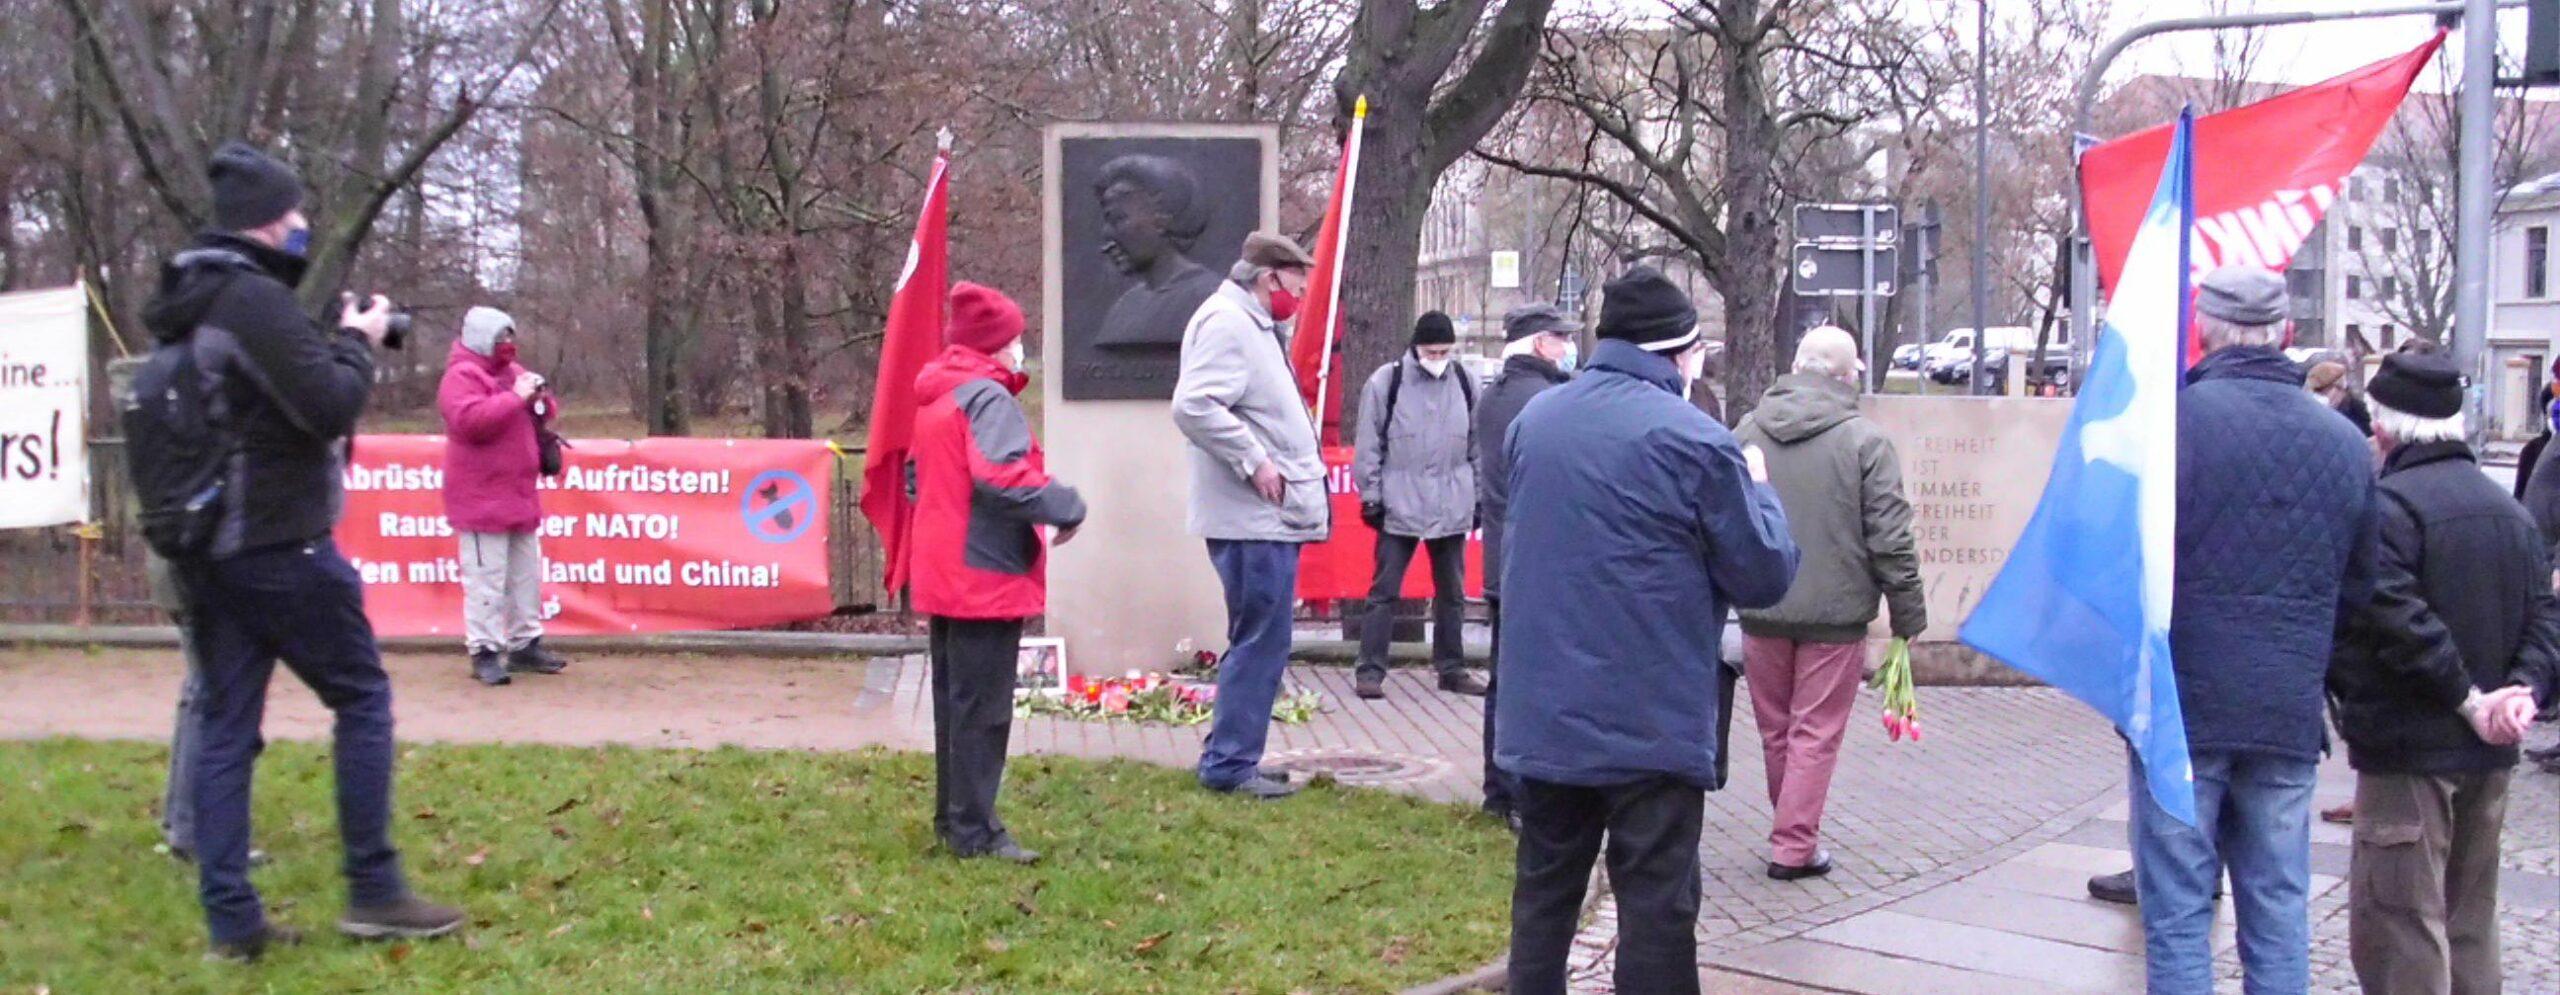 Ehrung für Rosa Luxemburg und Karl Liebknecht